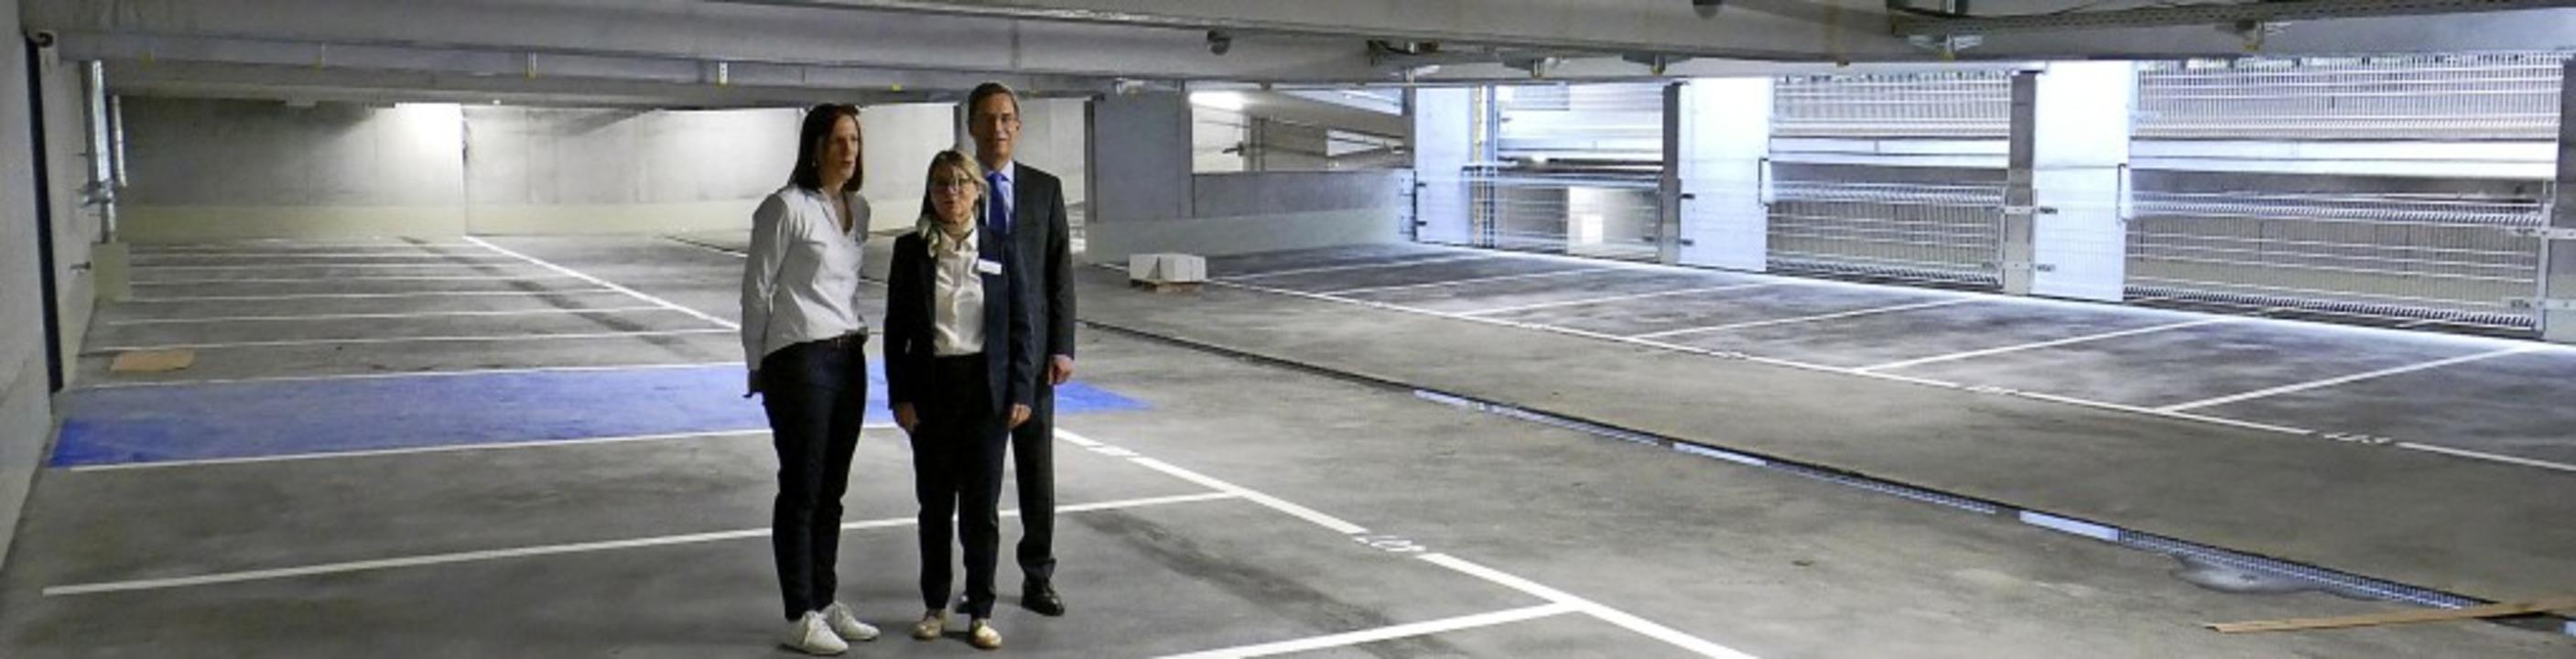 Fachbereichsleiterin Patricia Haas, Kr...on links) stellen die neue Garage vor.    Foto: Marius Alexander